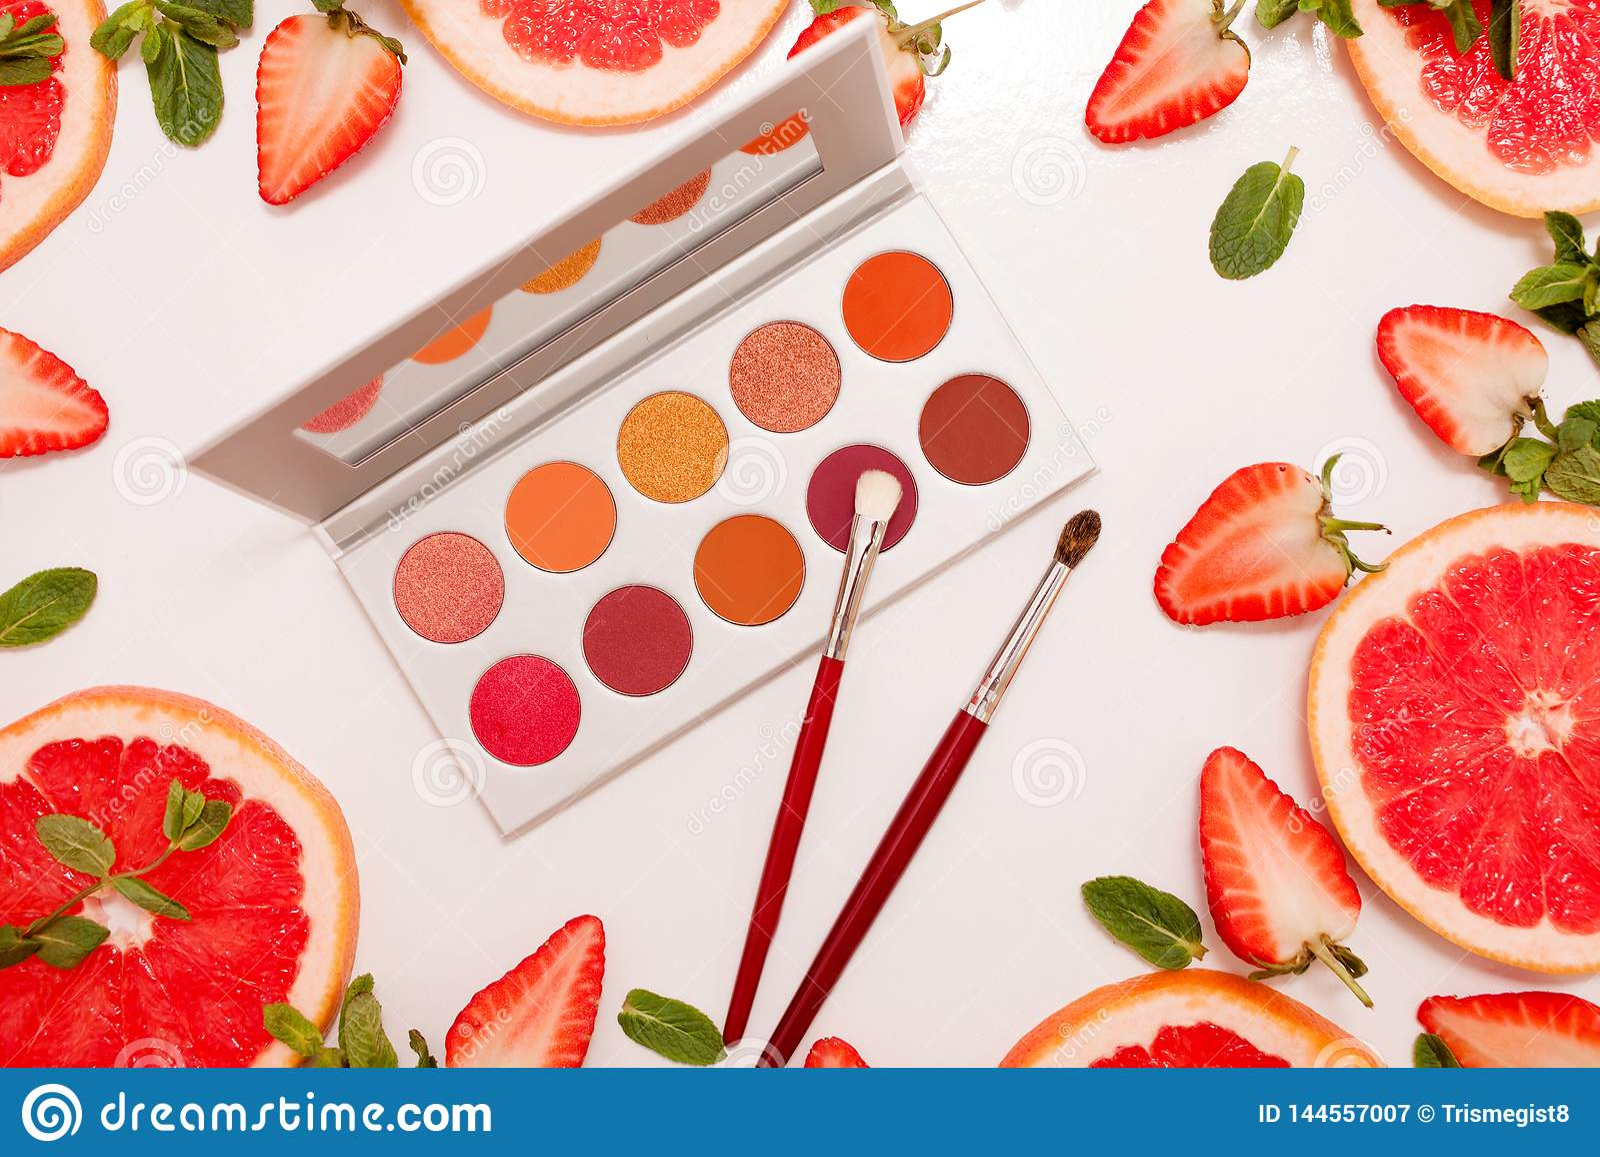 Endecha plana linda con la paleta de cosméticos con la fruta fresca, fresas y pomelo cortado o naranja roja, hojas de menta